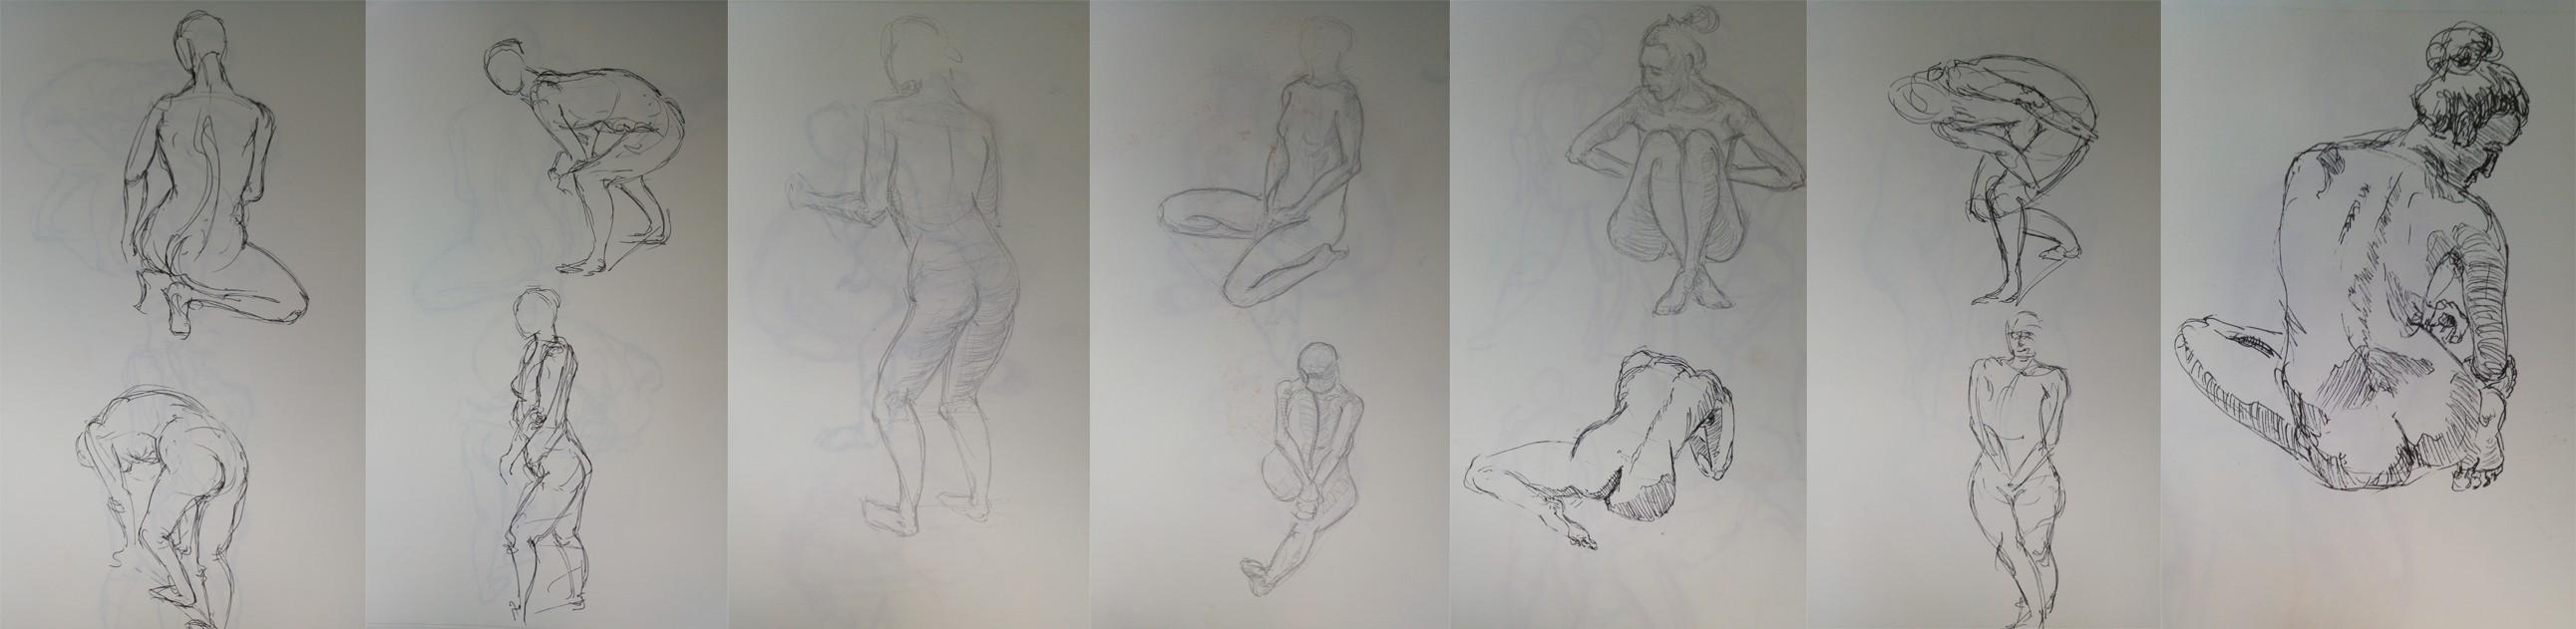 Les gribouilles d'Atna: objectif landscape et persos - Page 21 Poses-26